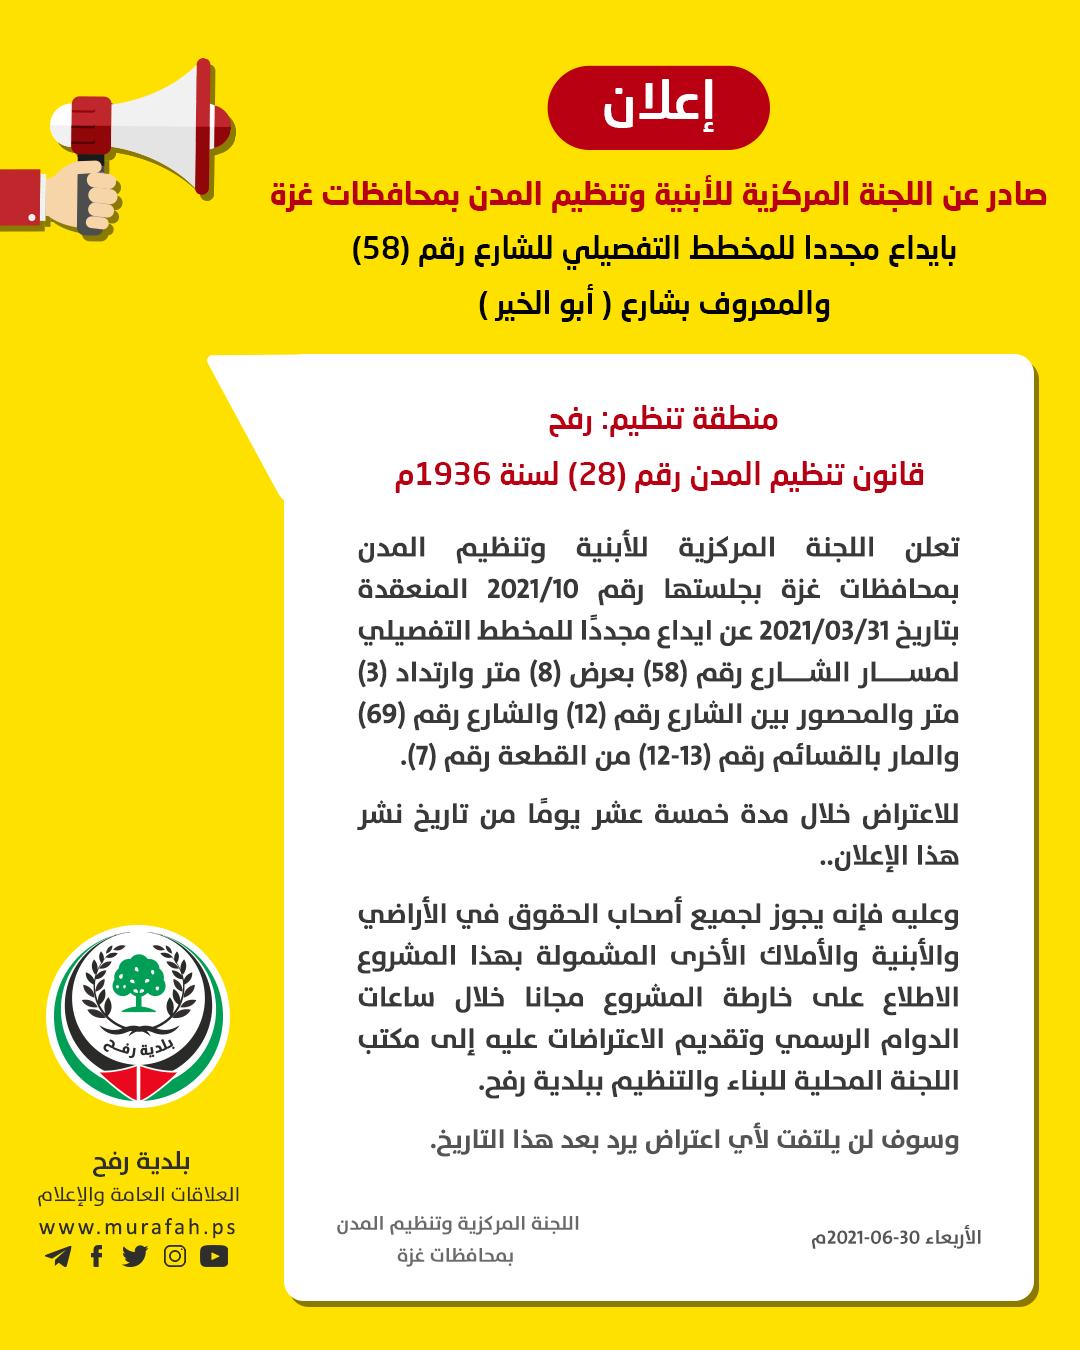 إعلان إيداع المخطط التفصيلي لشارع رقم (58) والمعروف بشارع ( أبو الخير )